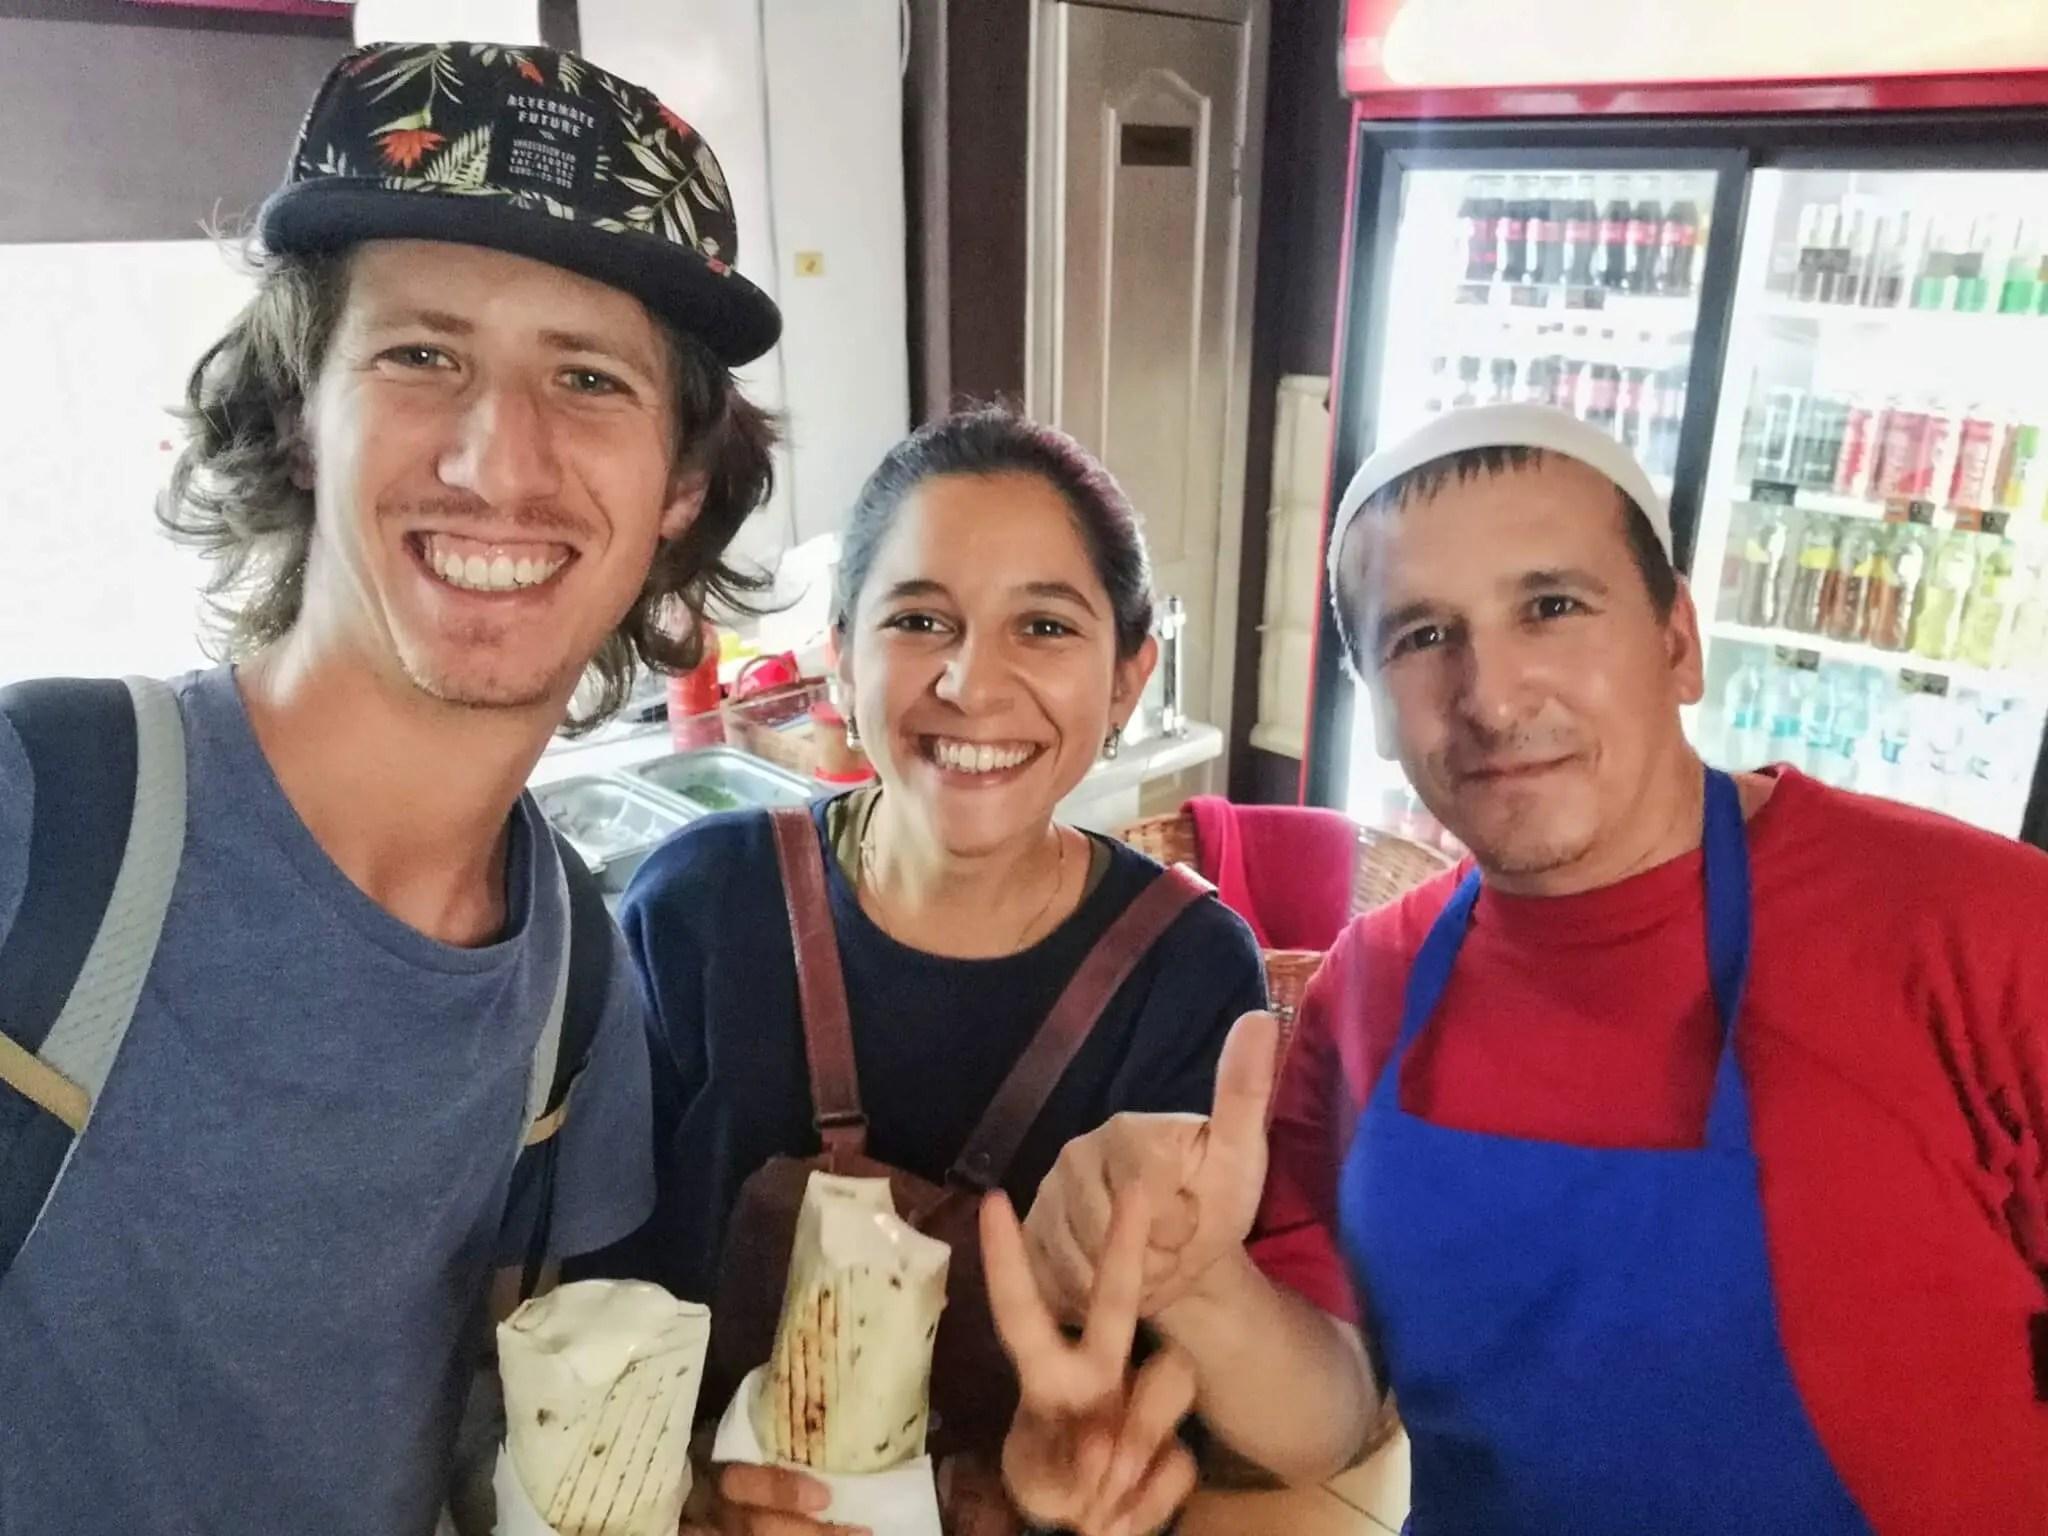 Con un vendedor de shawarma en Jerson